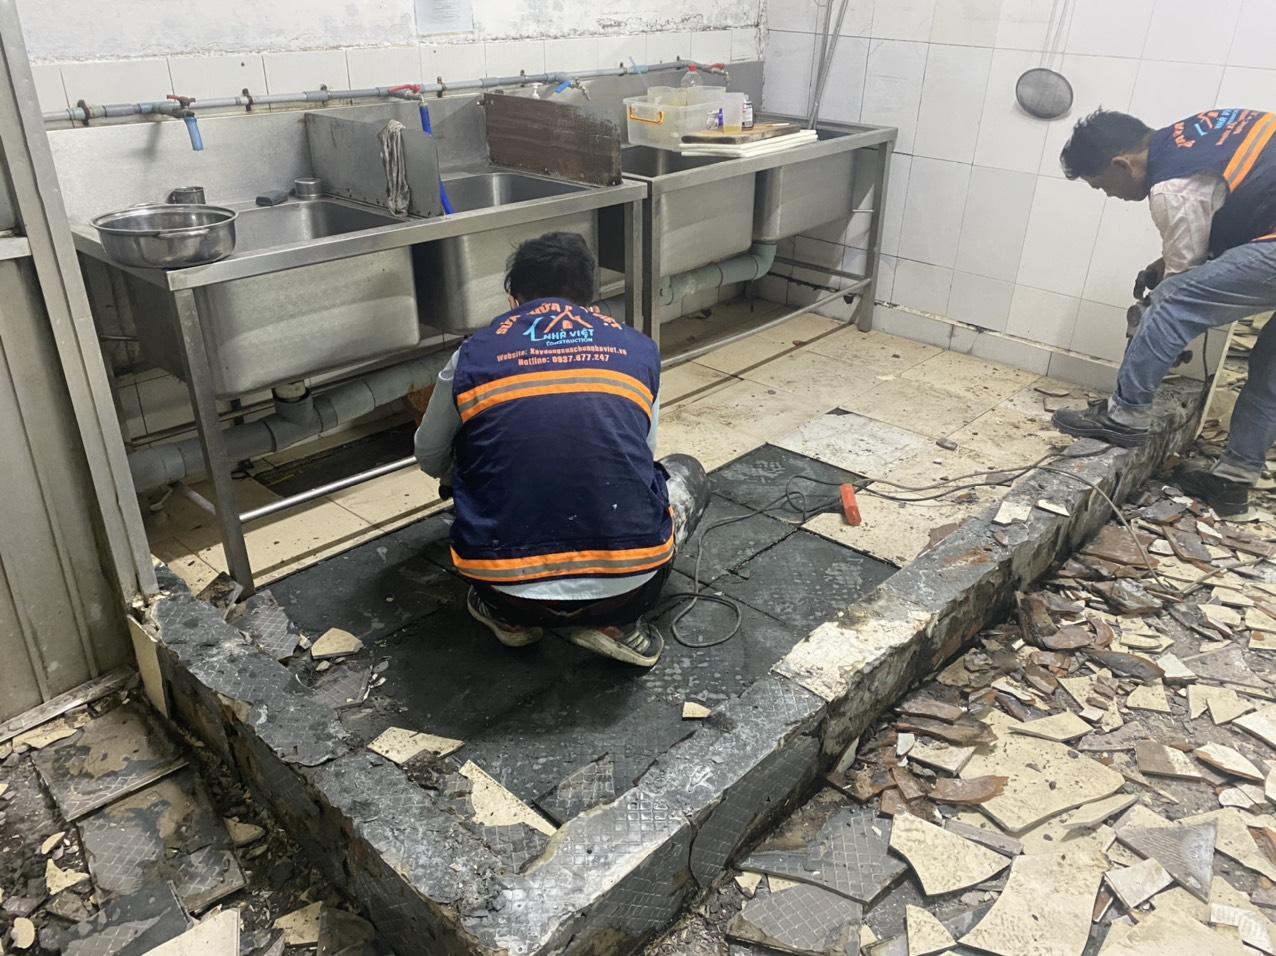 chong tham nha bep tphcm 7 - Chống thấm nhà bếp TP Hồ Chí Minh dứt điểm tuyệt đối 100%